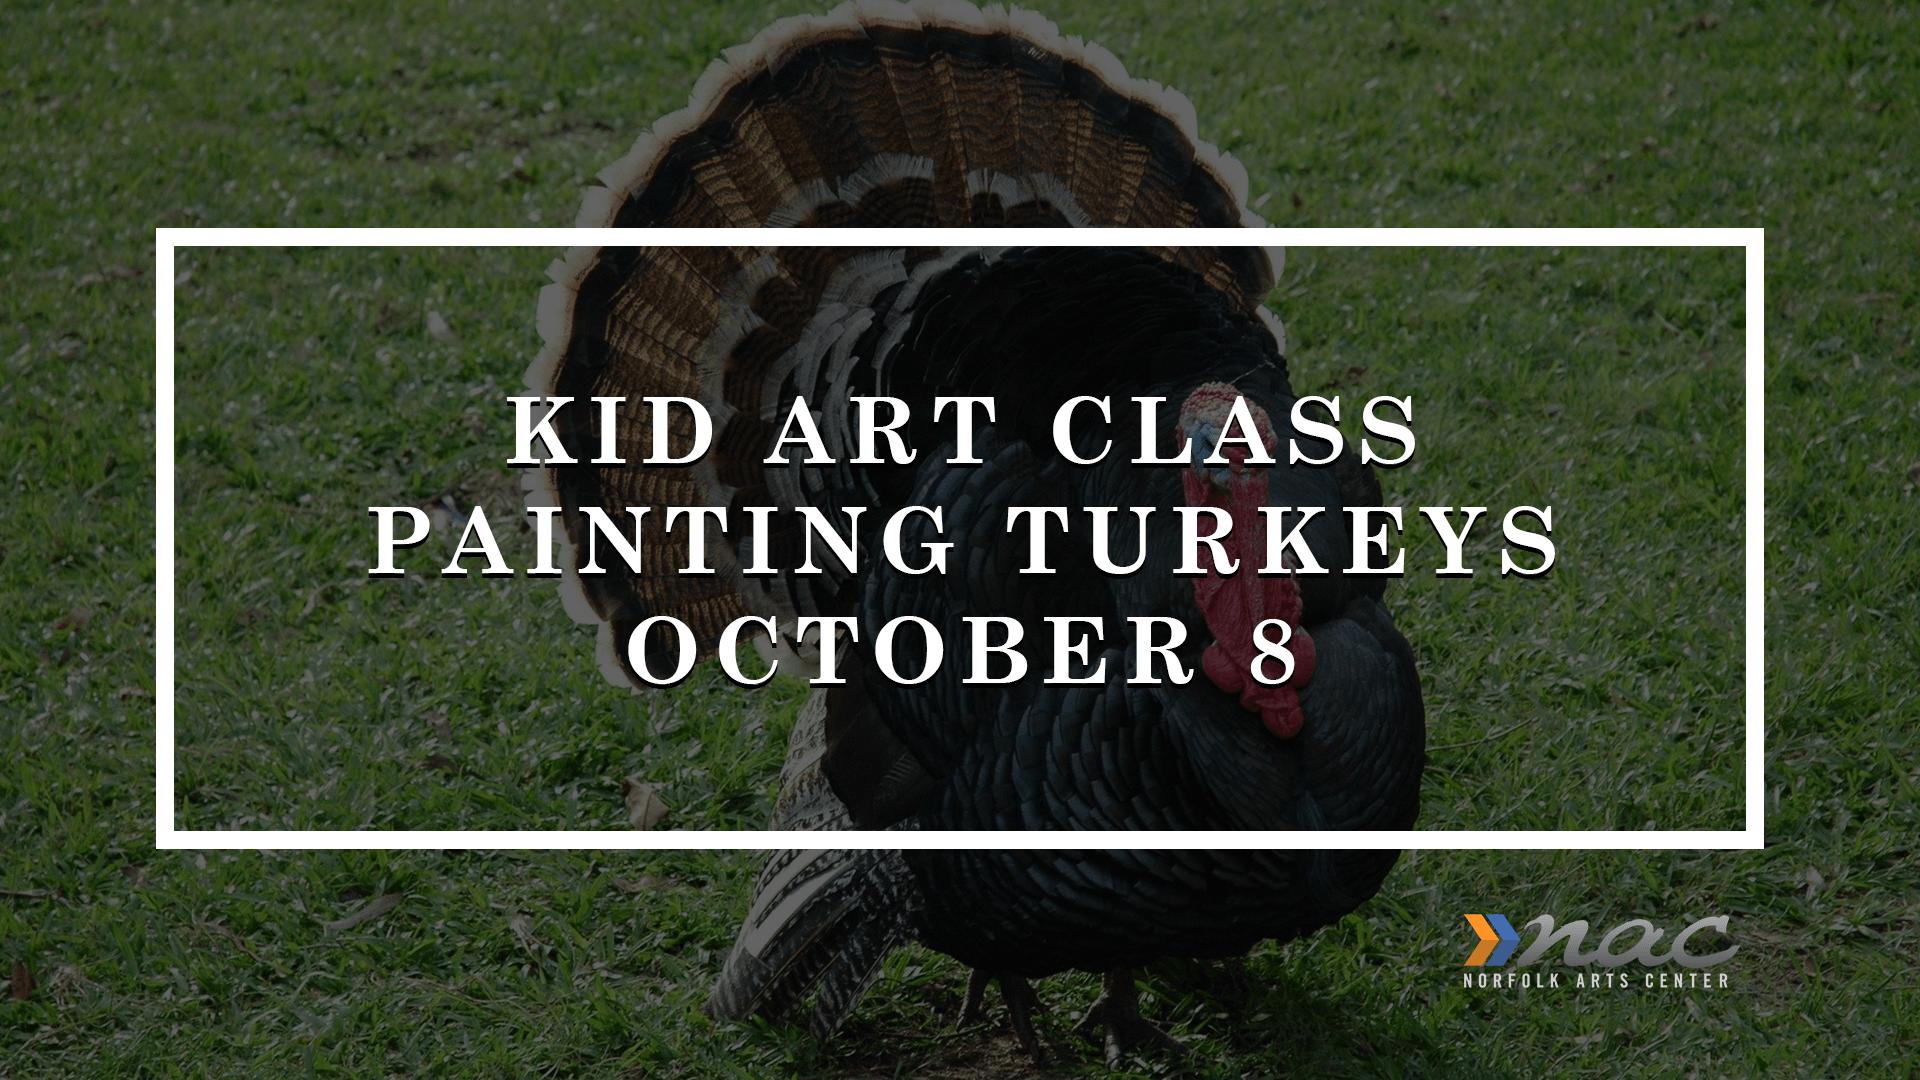 Painting Turkeys